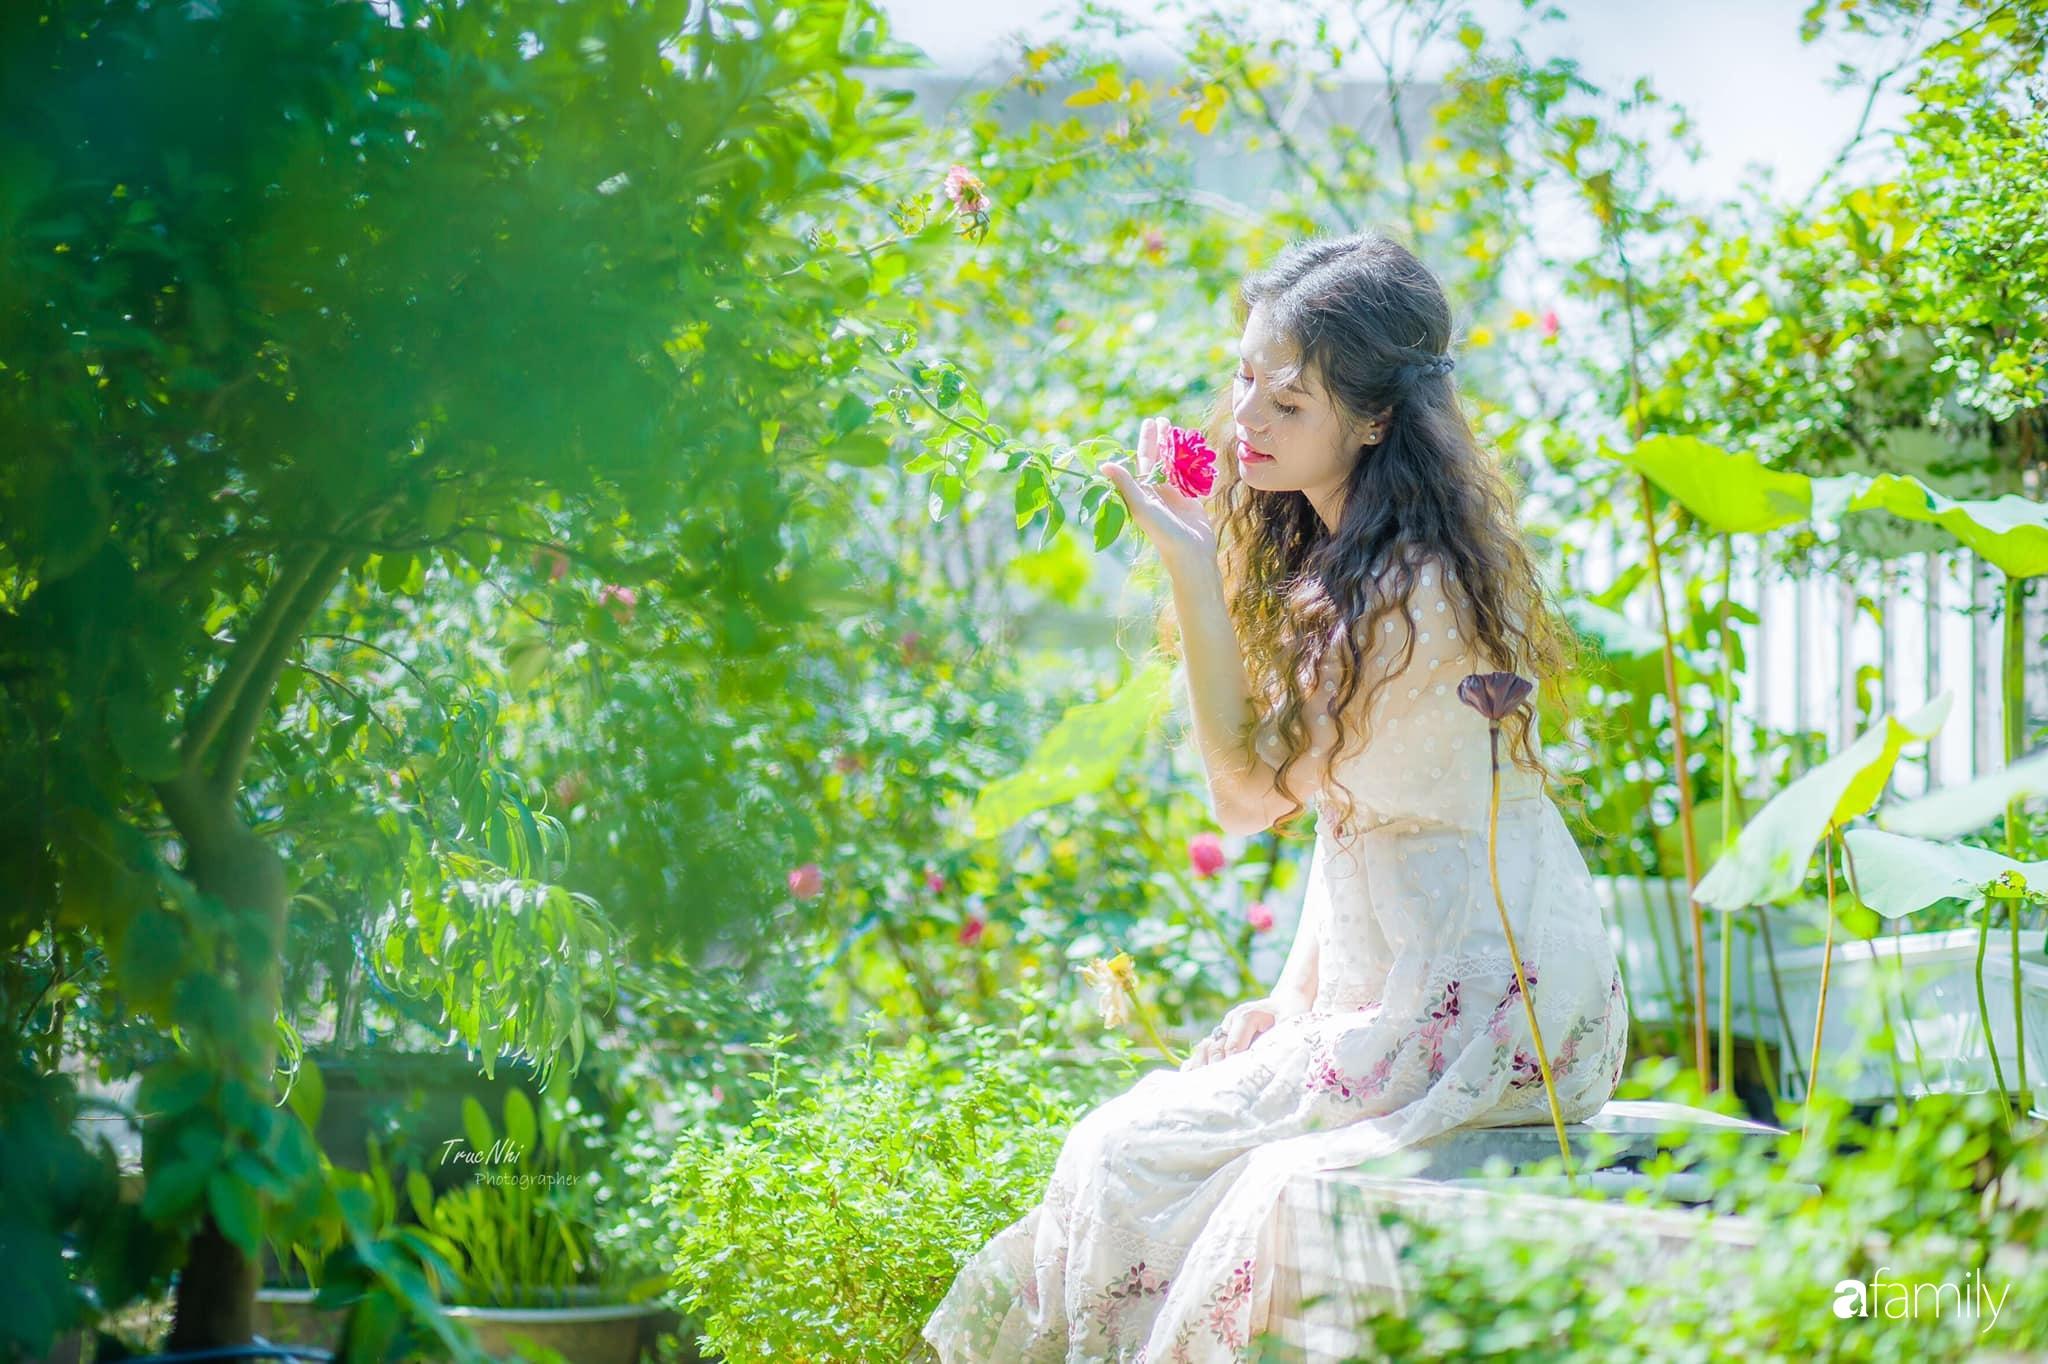 Bà mẹ Hà Nội tỉ mẩn dành 4 tiếng để tự cắm 1000 bông sen mang sắc màu mùa hạ lên sân thượng 200m² - Ảnh 7.